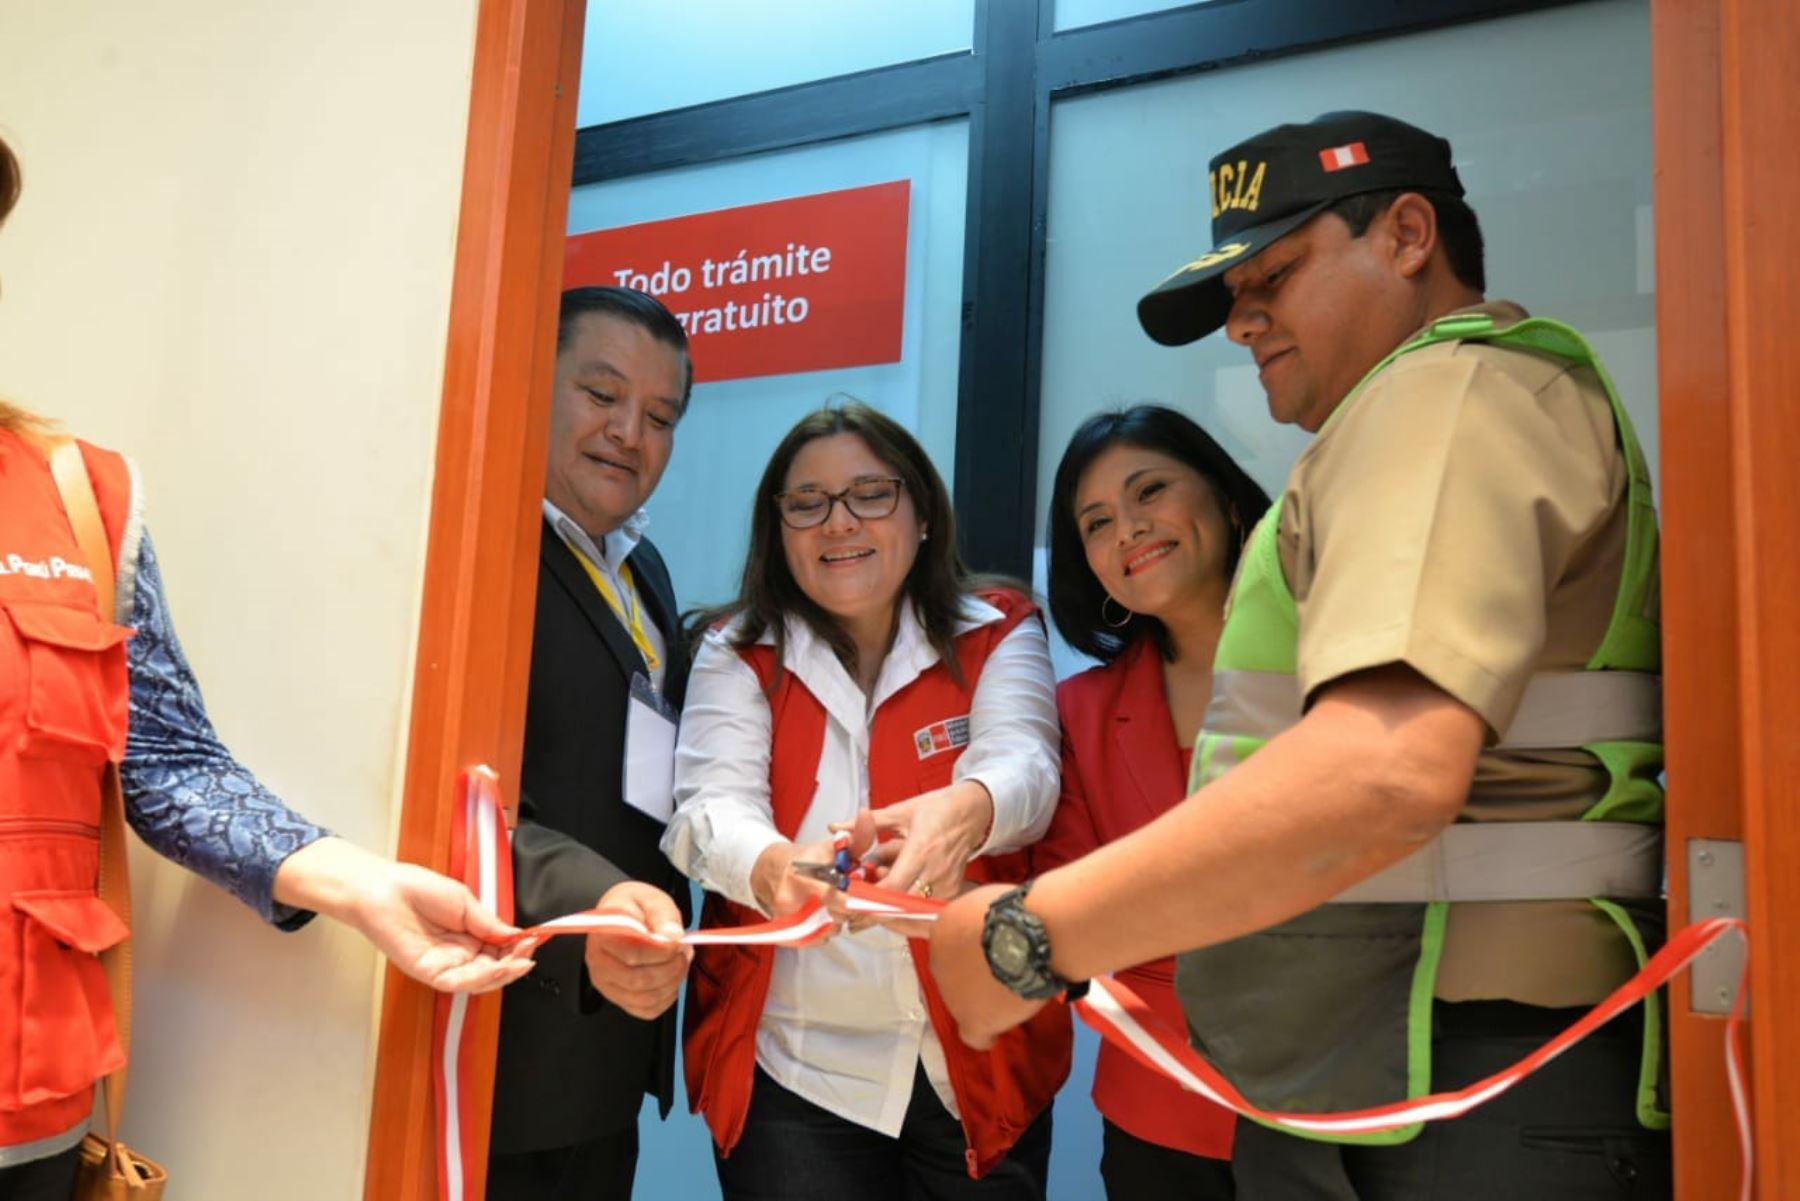 La ministra de la Mujer y Poblaciones Vulnerables, Ana María Mendieta, y la viceministra de Seguridad Pública del Ministerio del Interior, Nataly Ponce, inauguraron el Centro de Emergencia Mujer en la comisaría San Antonio, ubicado en la provincia Mariscal Nieto,la región Moquegua.